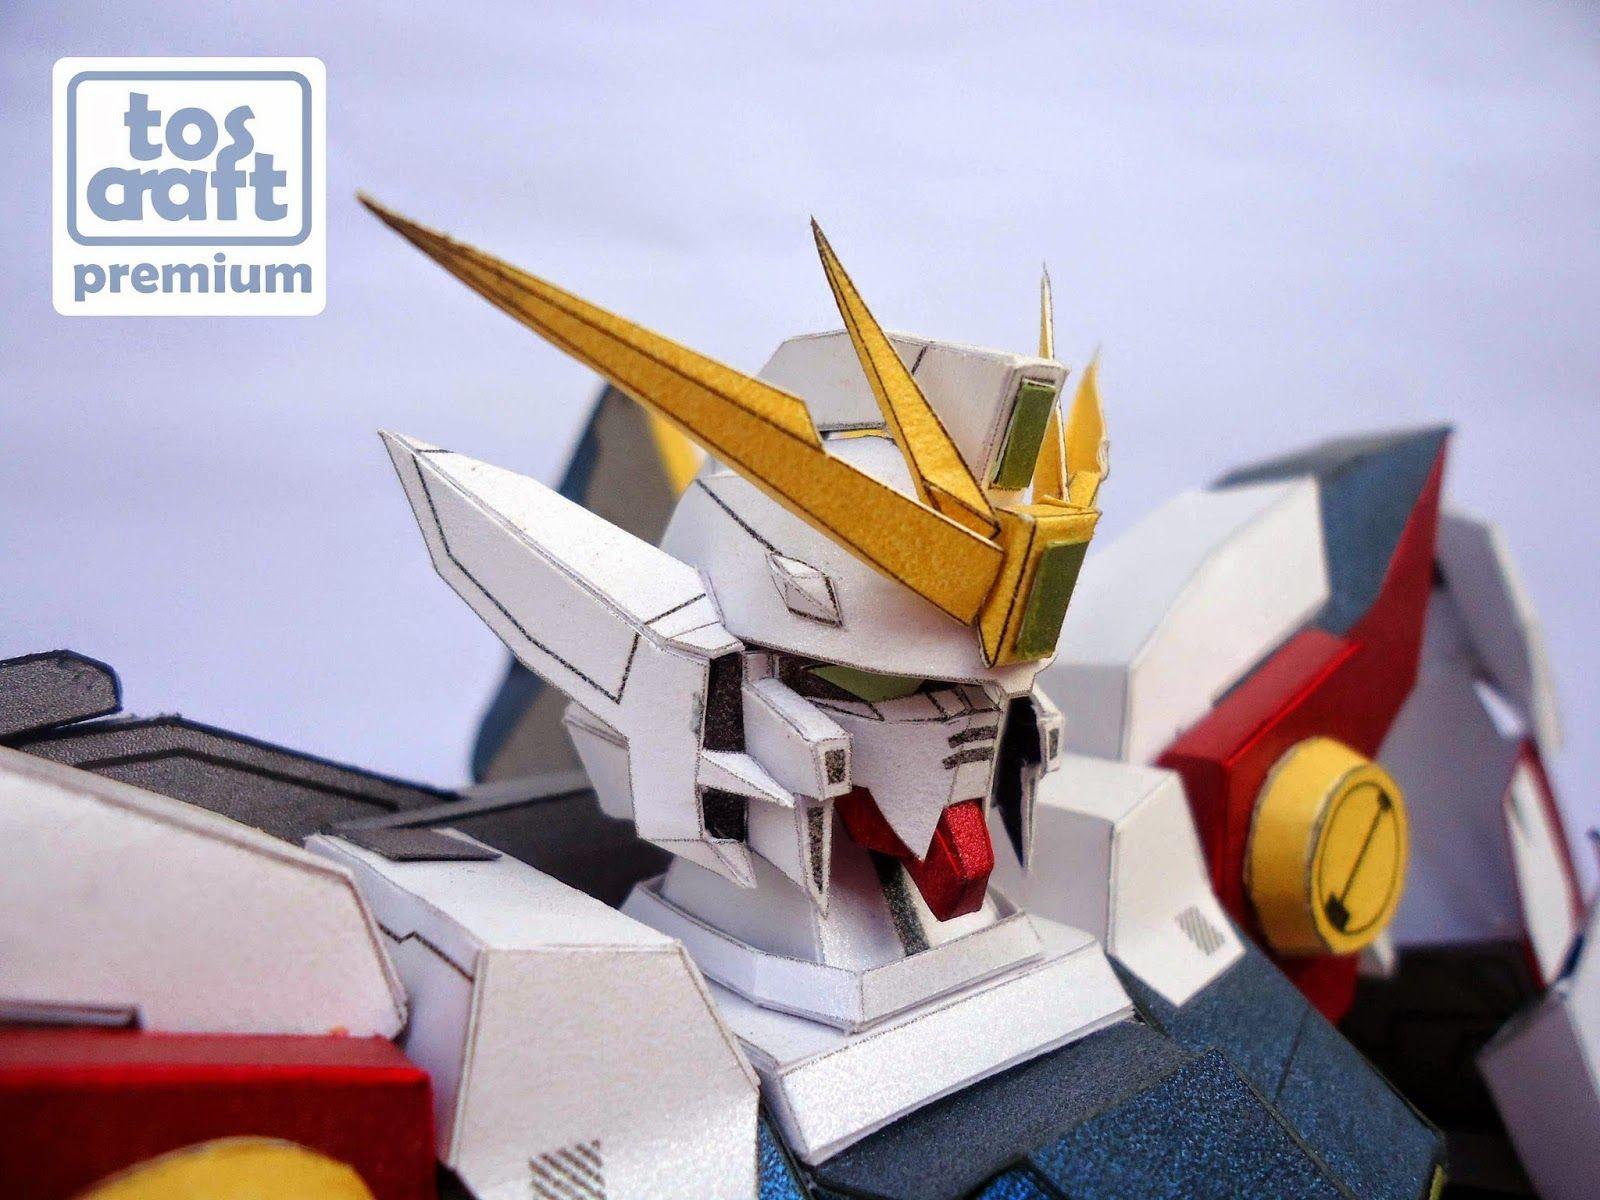 Gundam Wing Papercraft tos Craft Wing Zero Gundam 1 60 Papercraft Pepakura